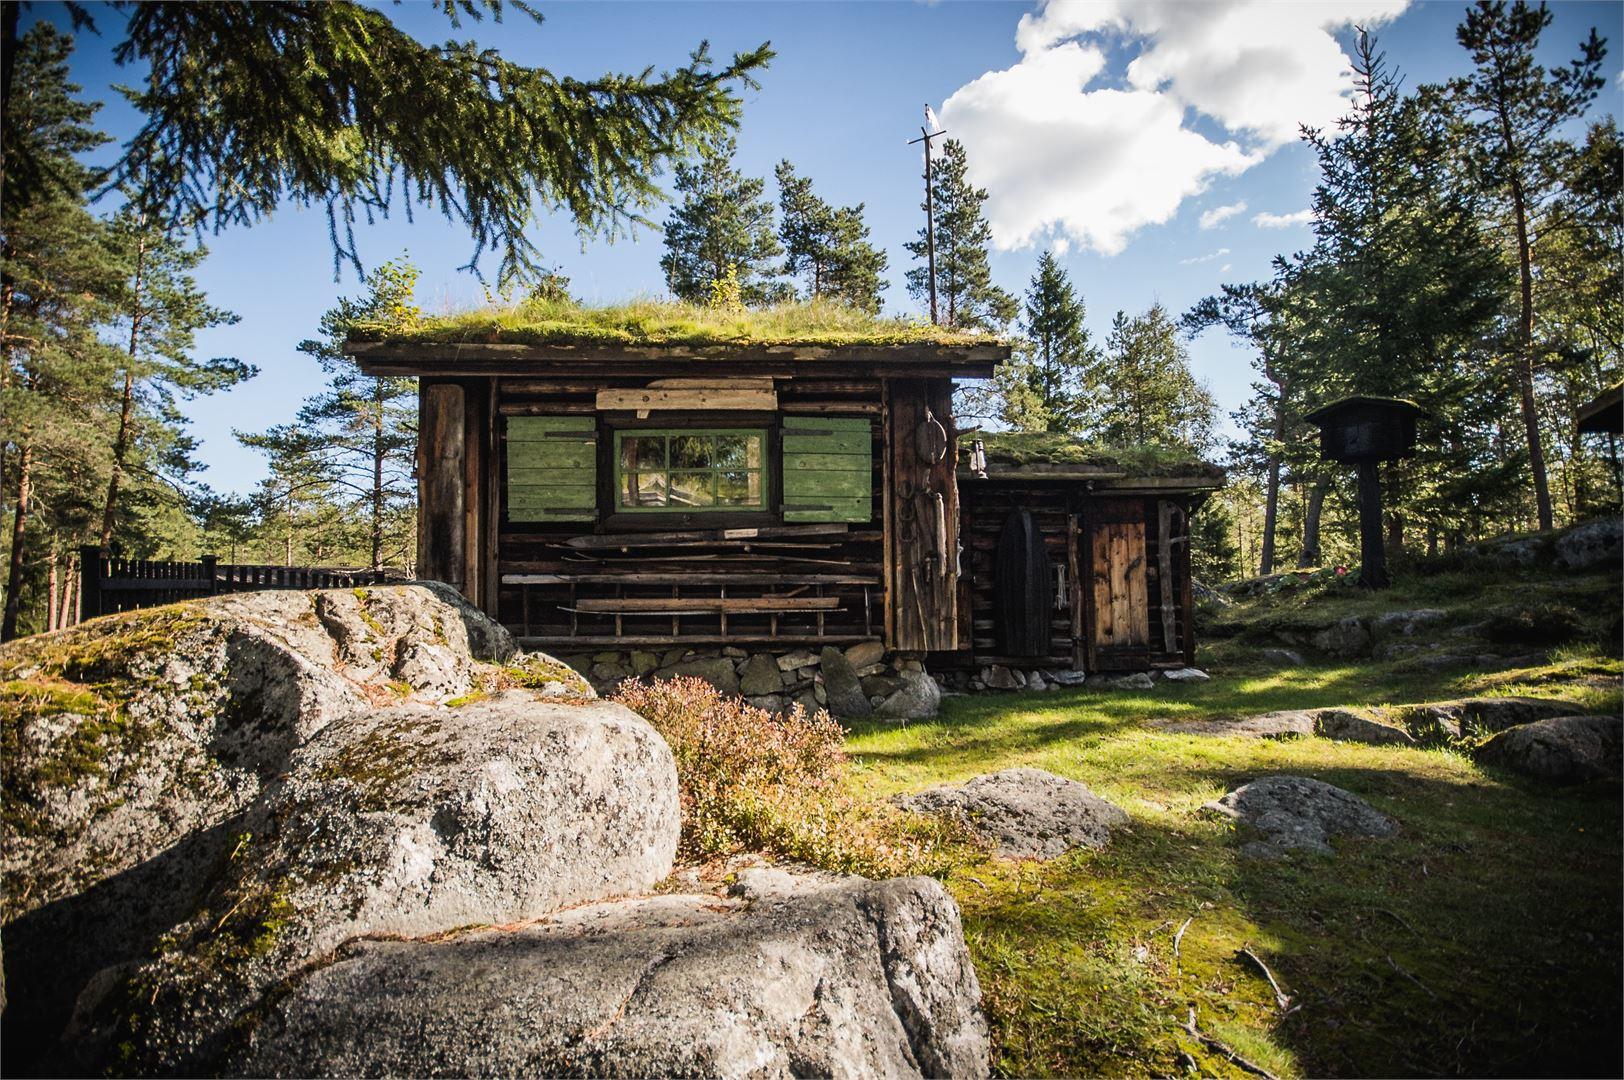 Arktisesta museosta Nanoqusta löytyy Suomen sympaattisin mökki ja mittaamaton määrä historian palasia.